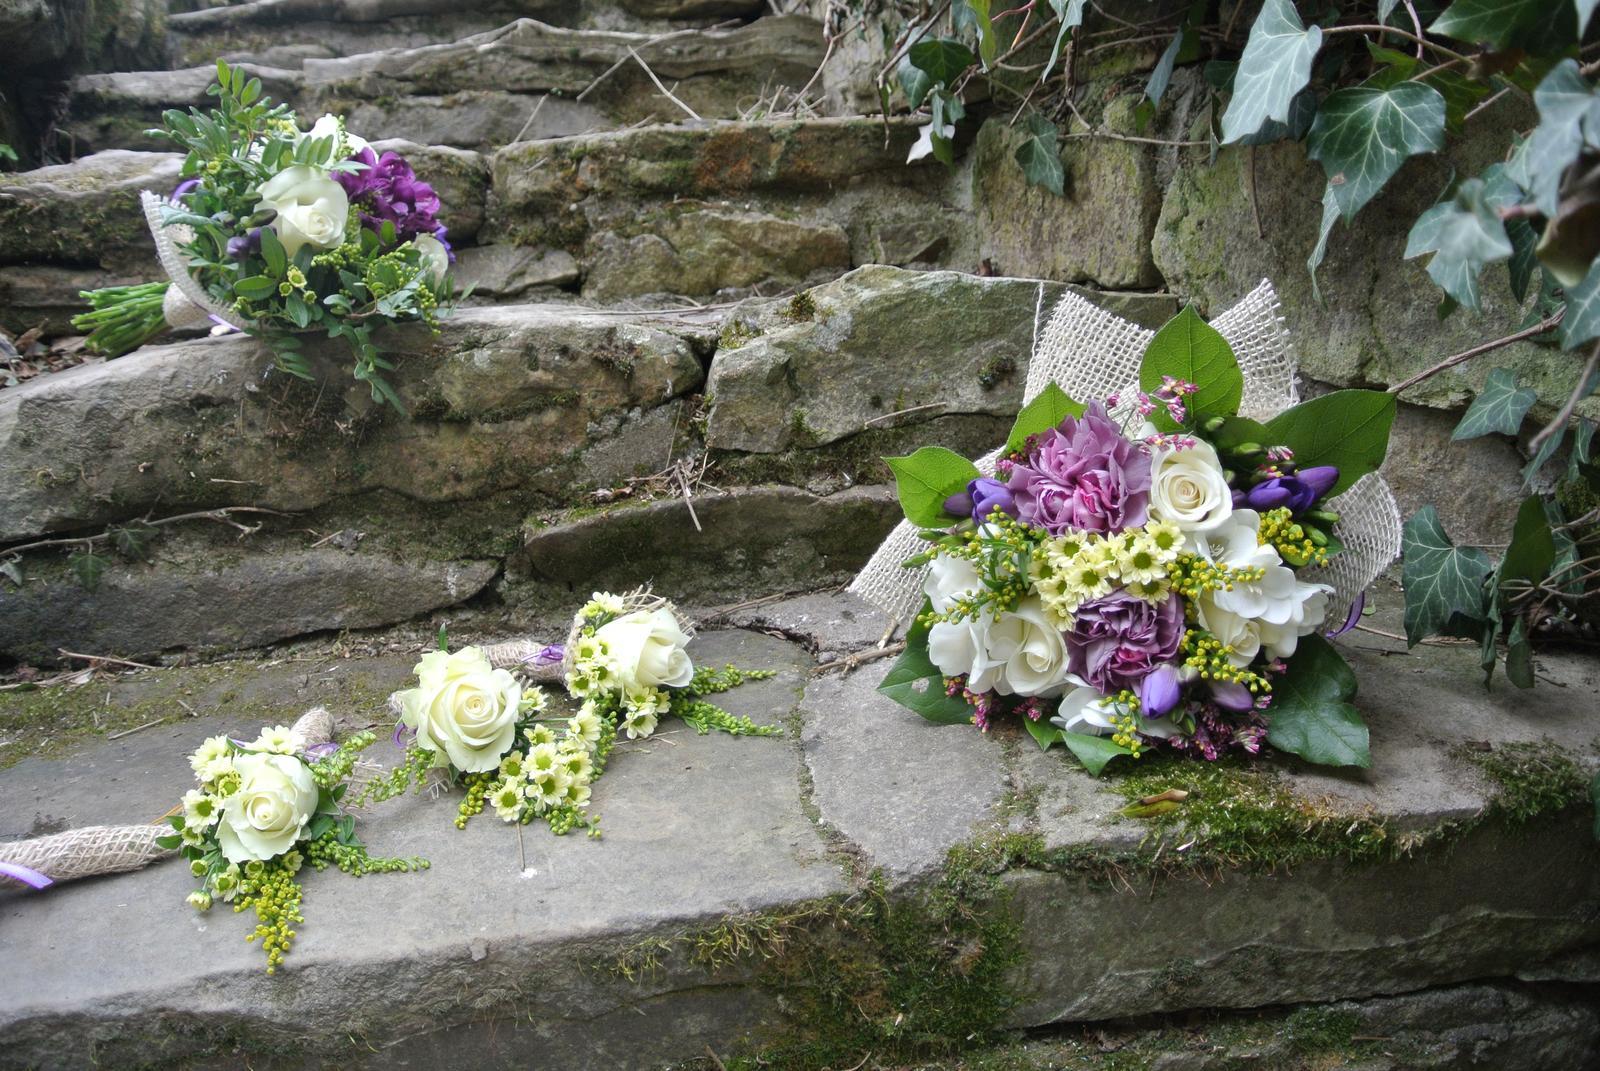 """Okrasná zahrada - můj malý """"ráj"""" - Naše kamenné schody z kamene opracovaného před víc jak sto lety."""